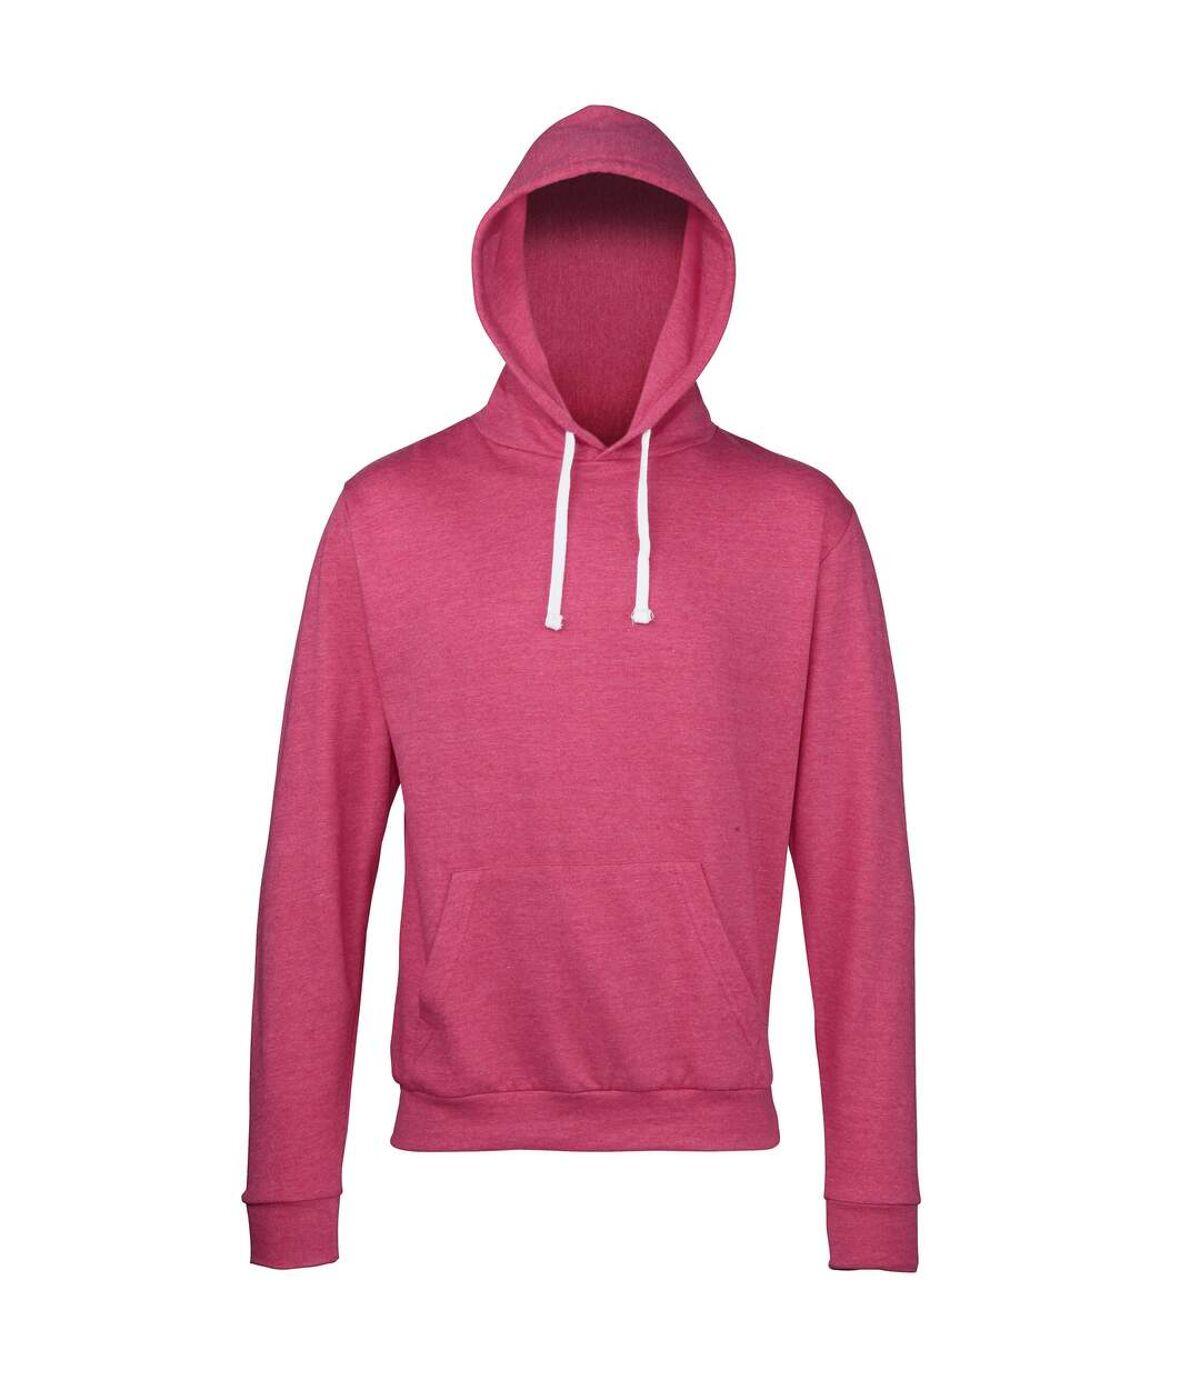 Awdis Adults Unisex Heather Hooded Sweatshirt / Hoodie (Grey Heather) - UTRW168